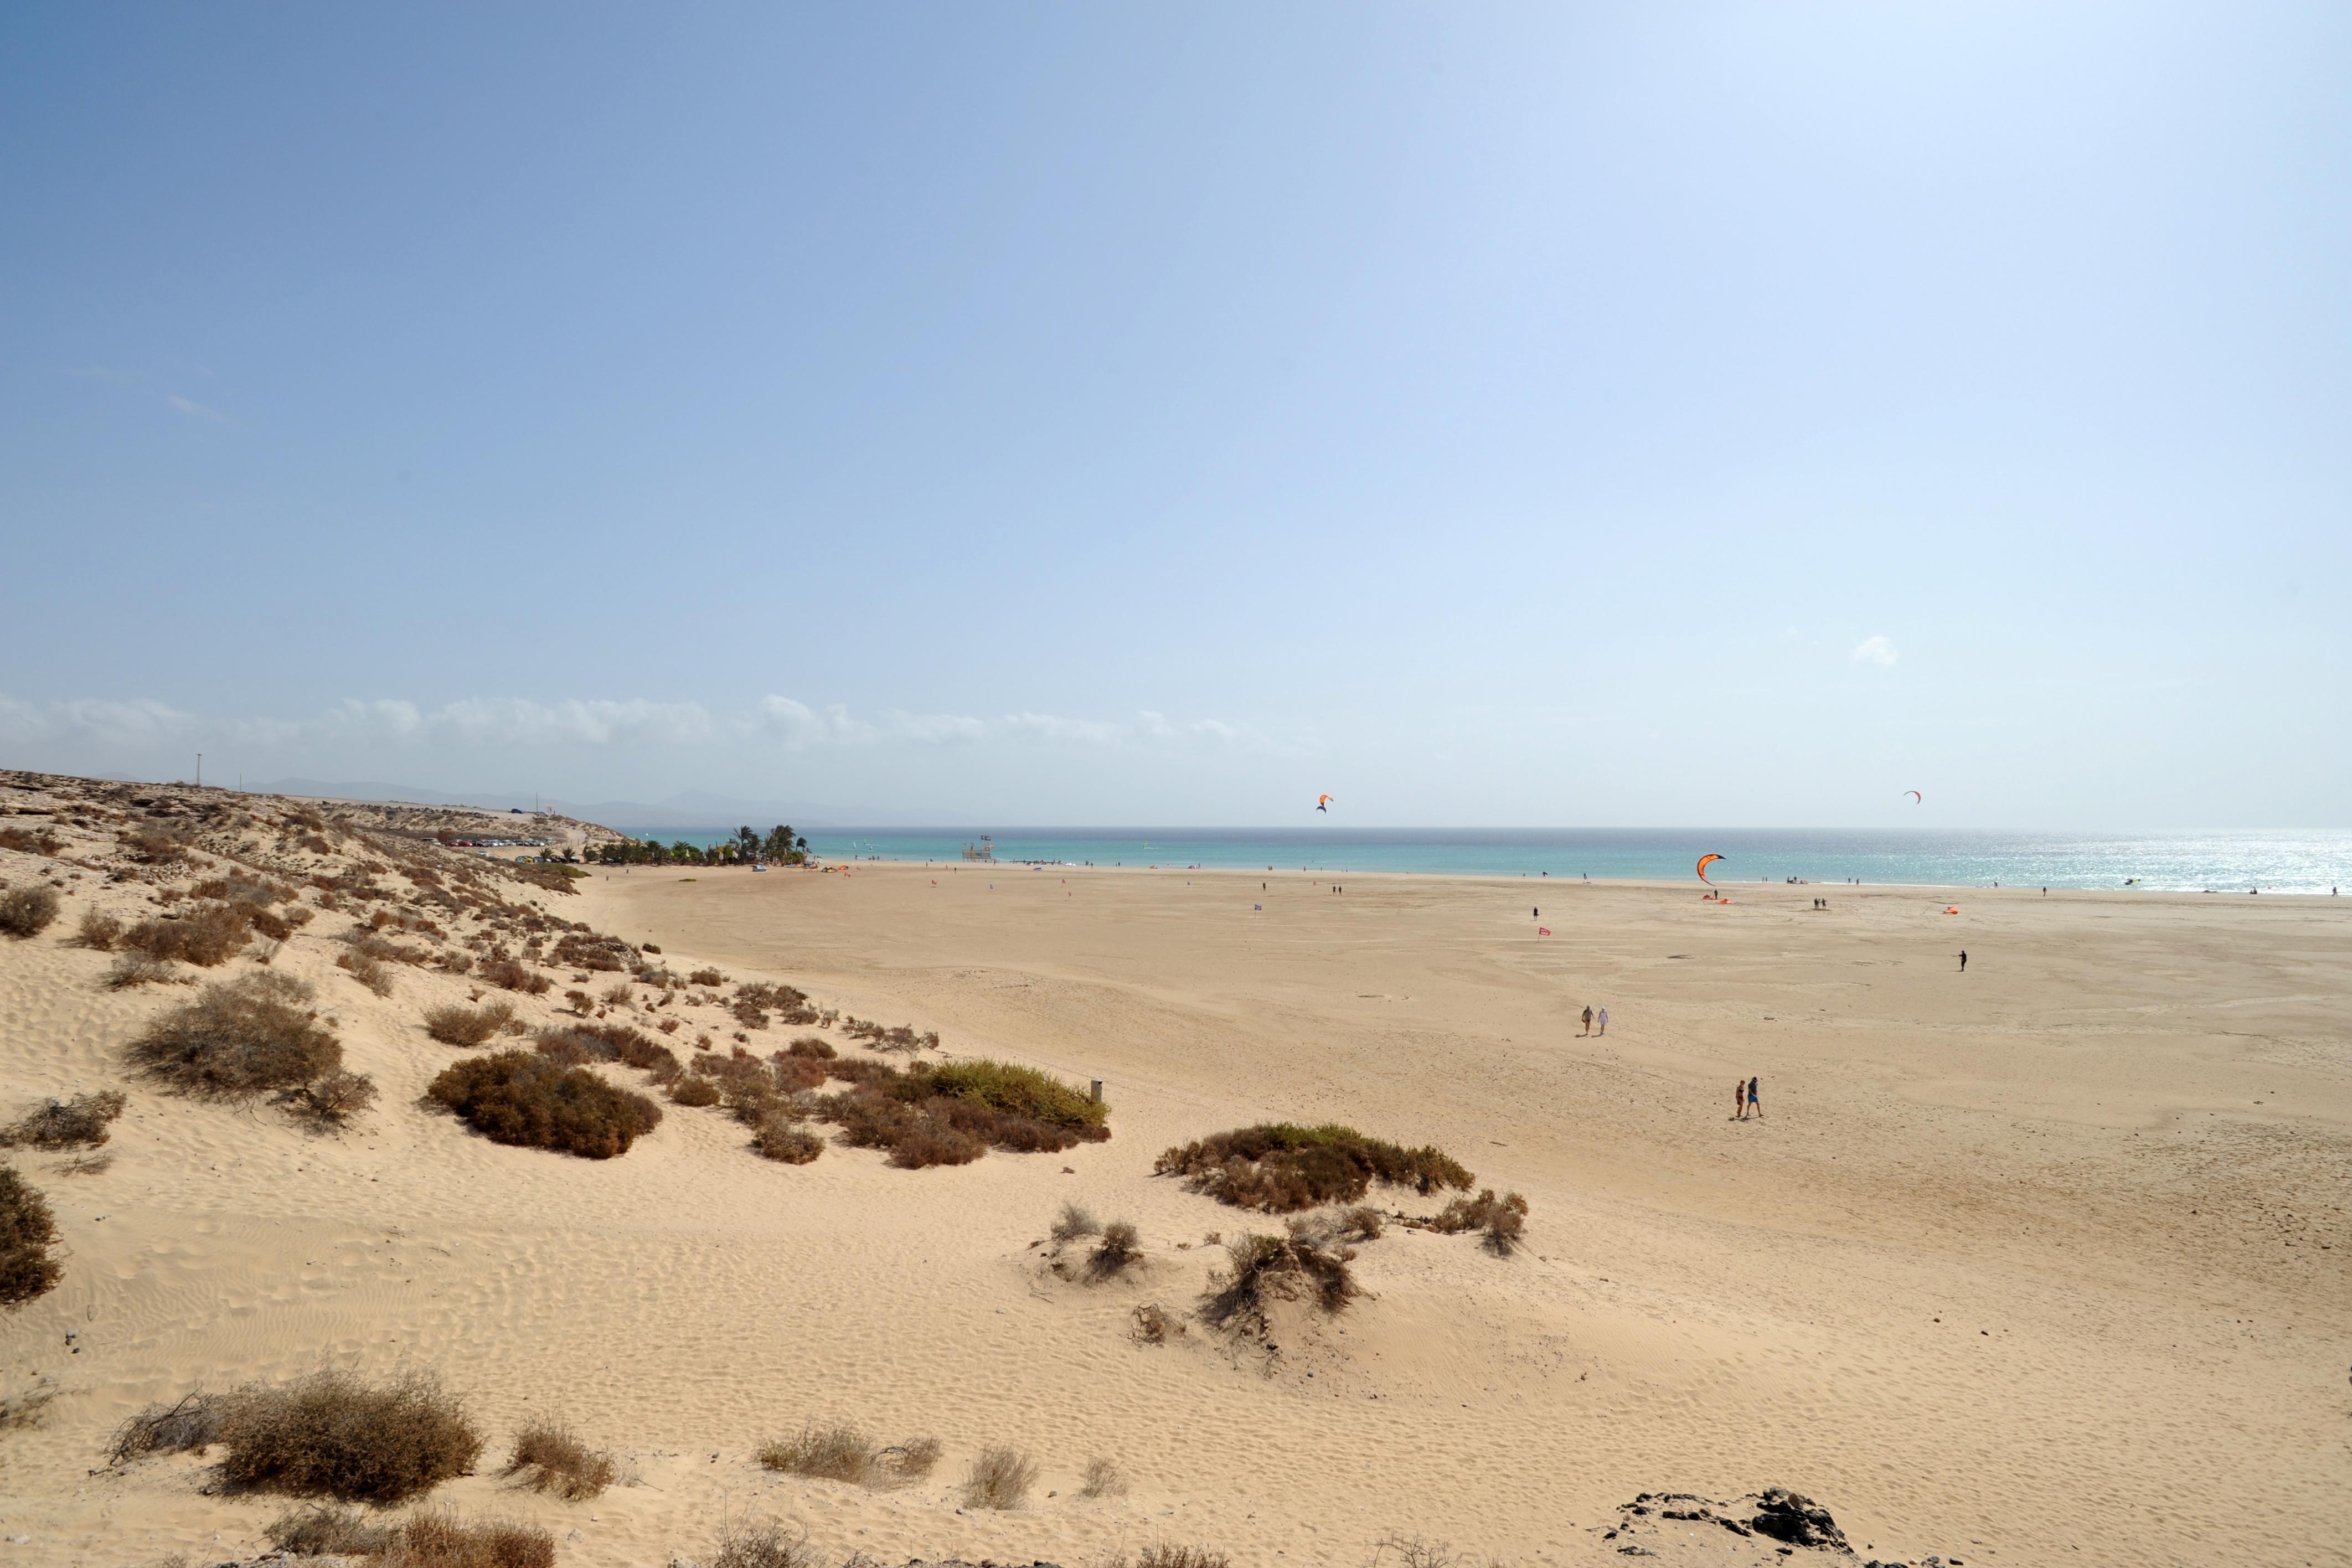 The village of Costa Calma in Fuerteventura